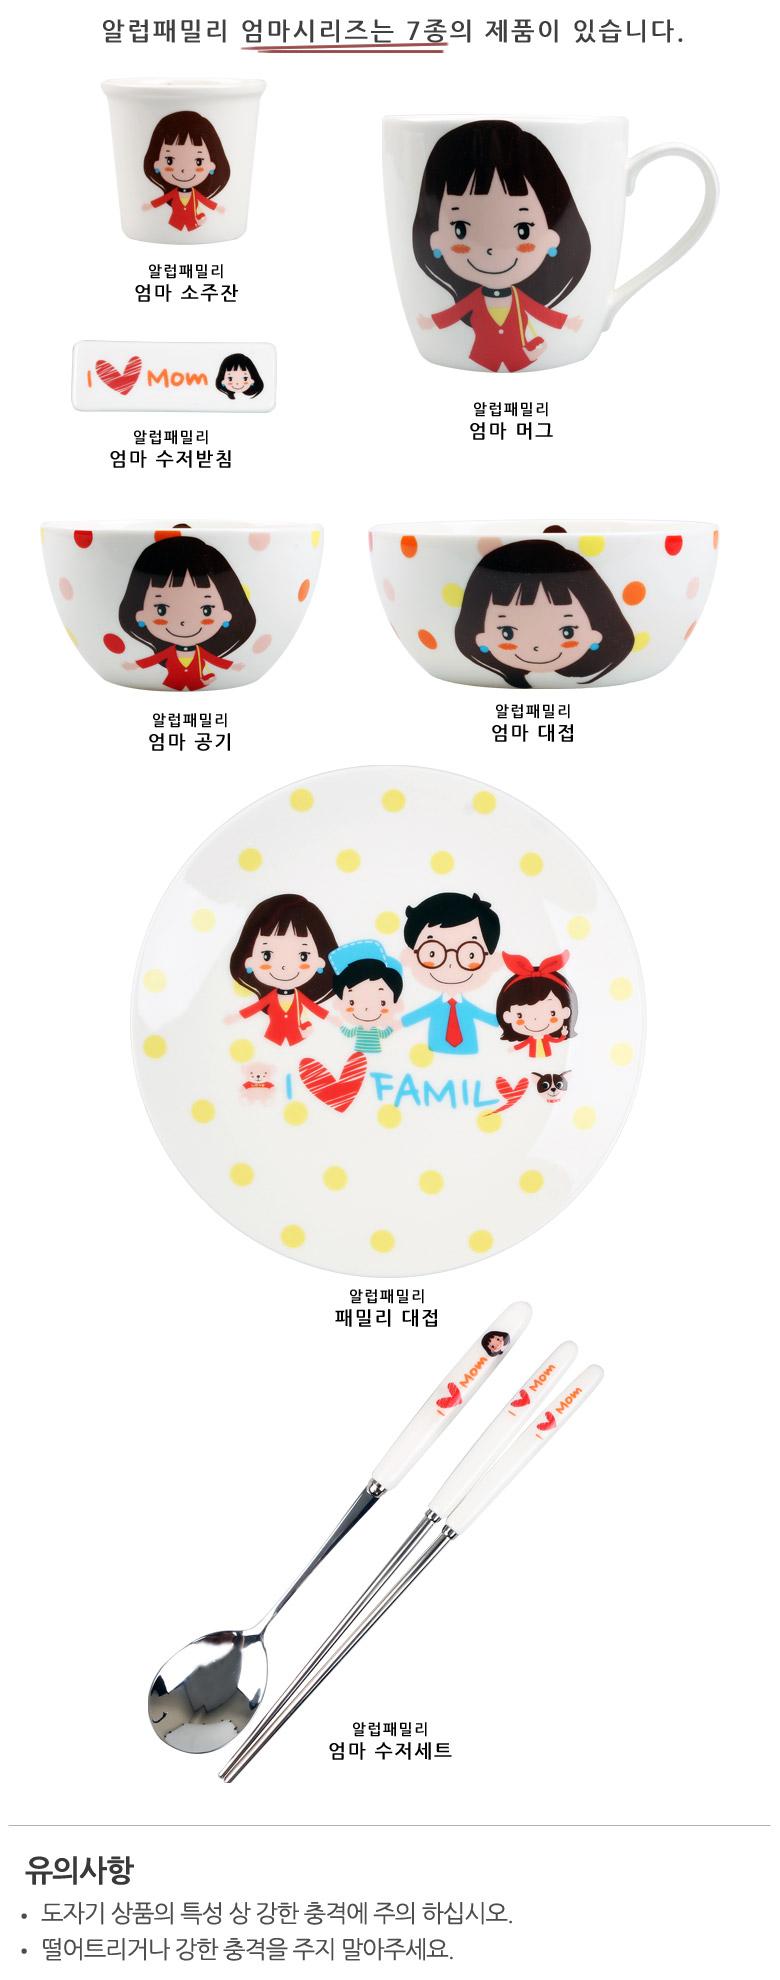 알럽패밀리 엄마 수저세트 - 디아슬라, 6,000원, 숟가락/젓가락/스틱, 숟가락/젓가락 세트